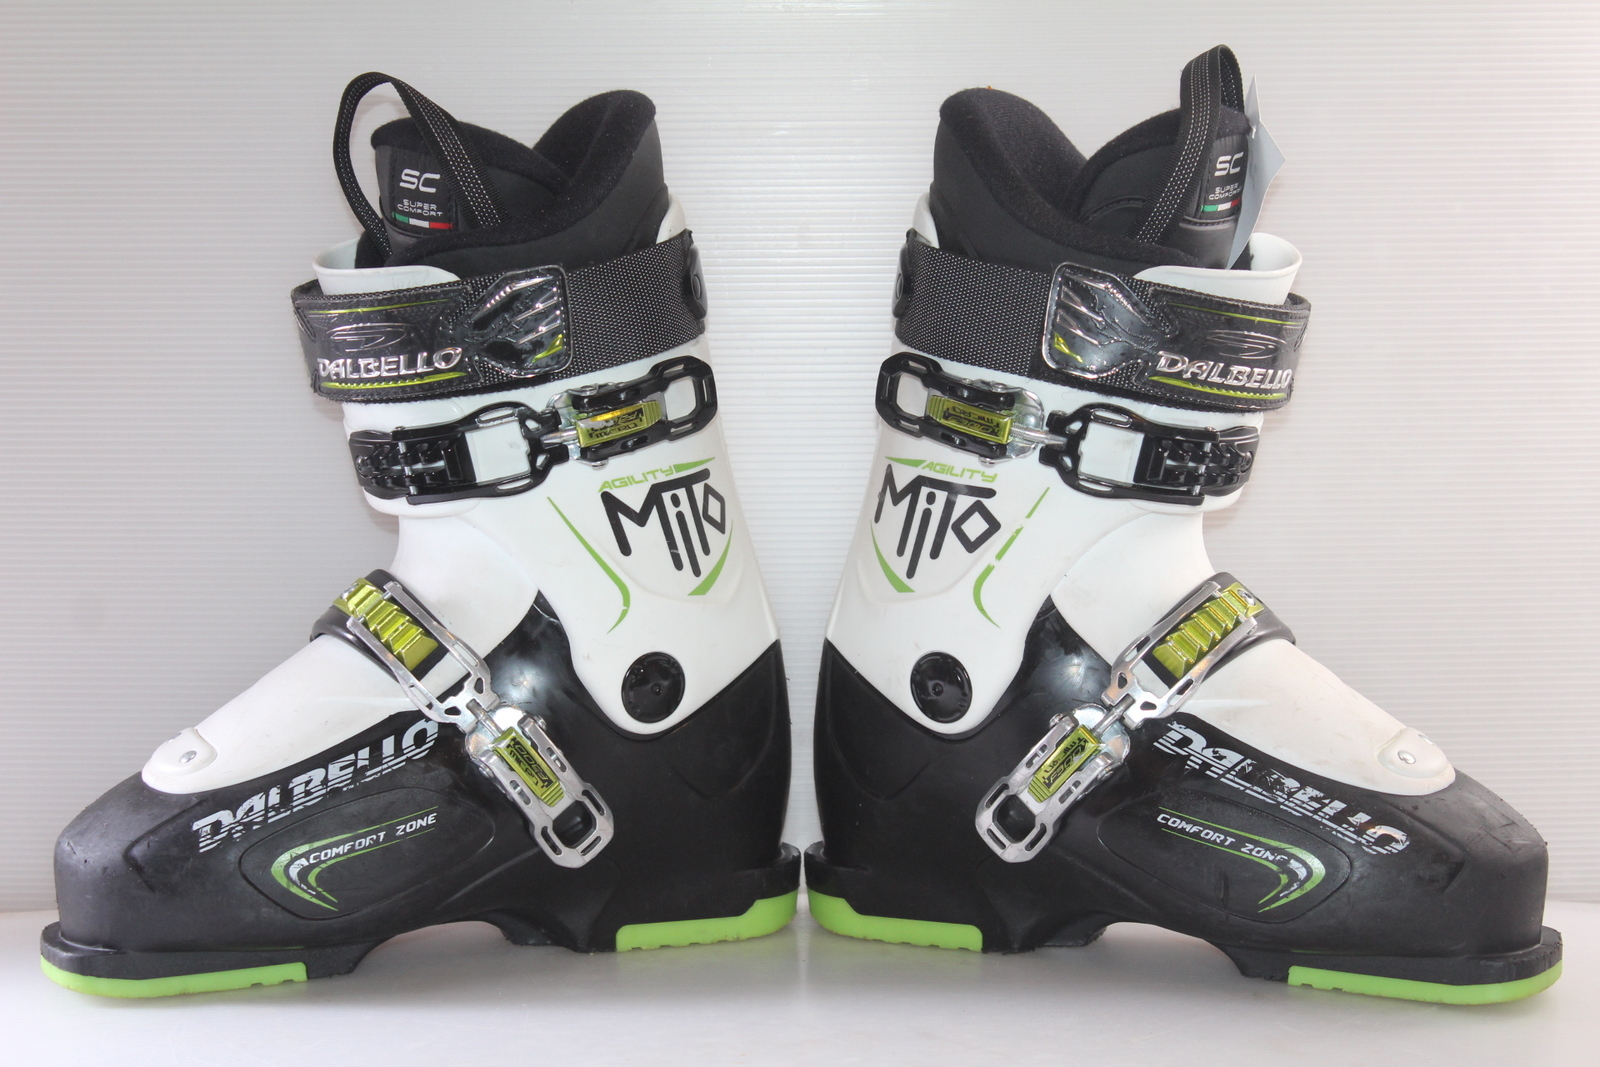 Lyžařské boty Dalbello Agility Mito vel. EU41